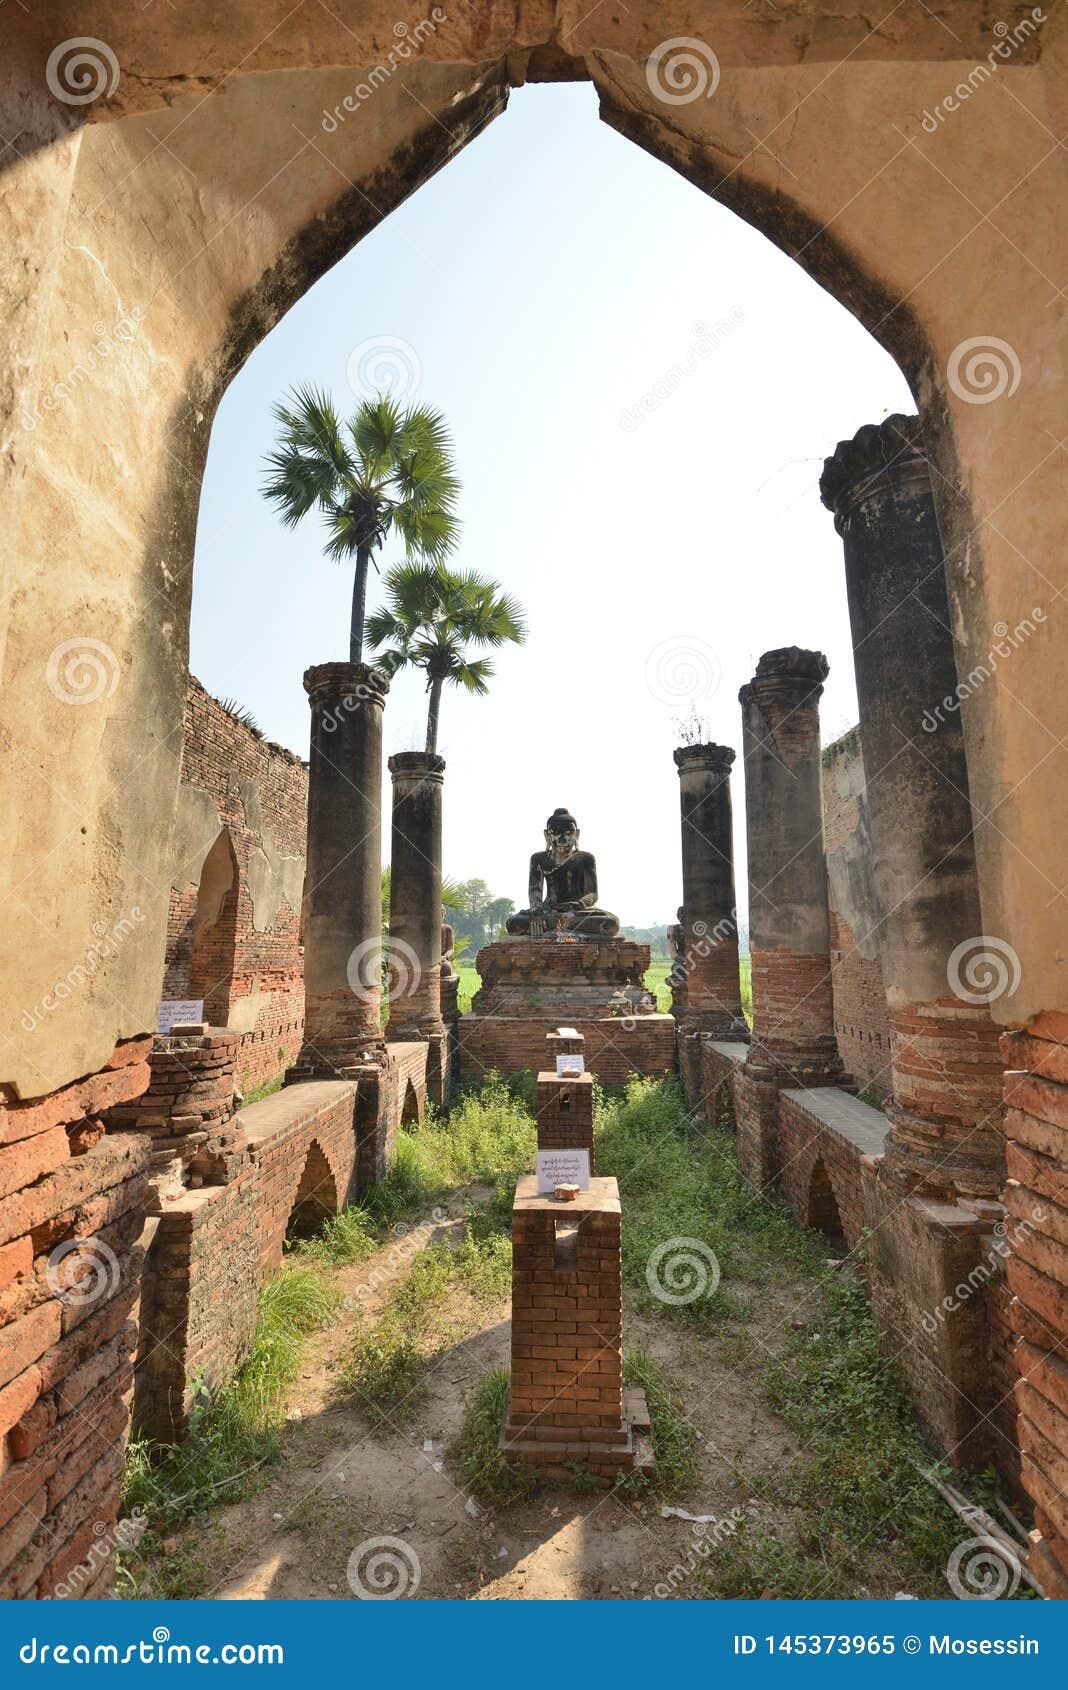 Myanmar Mandalay Yadana Hsemee pagoda complex